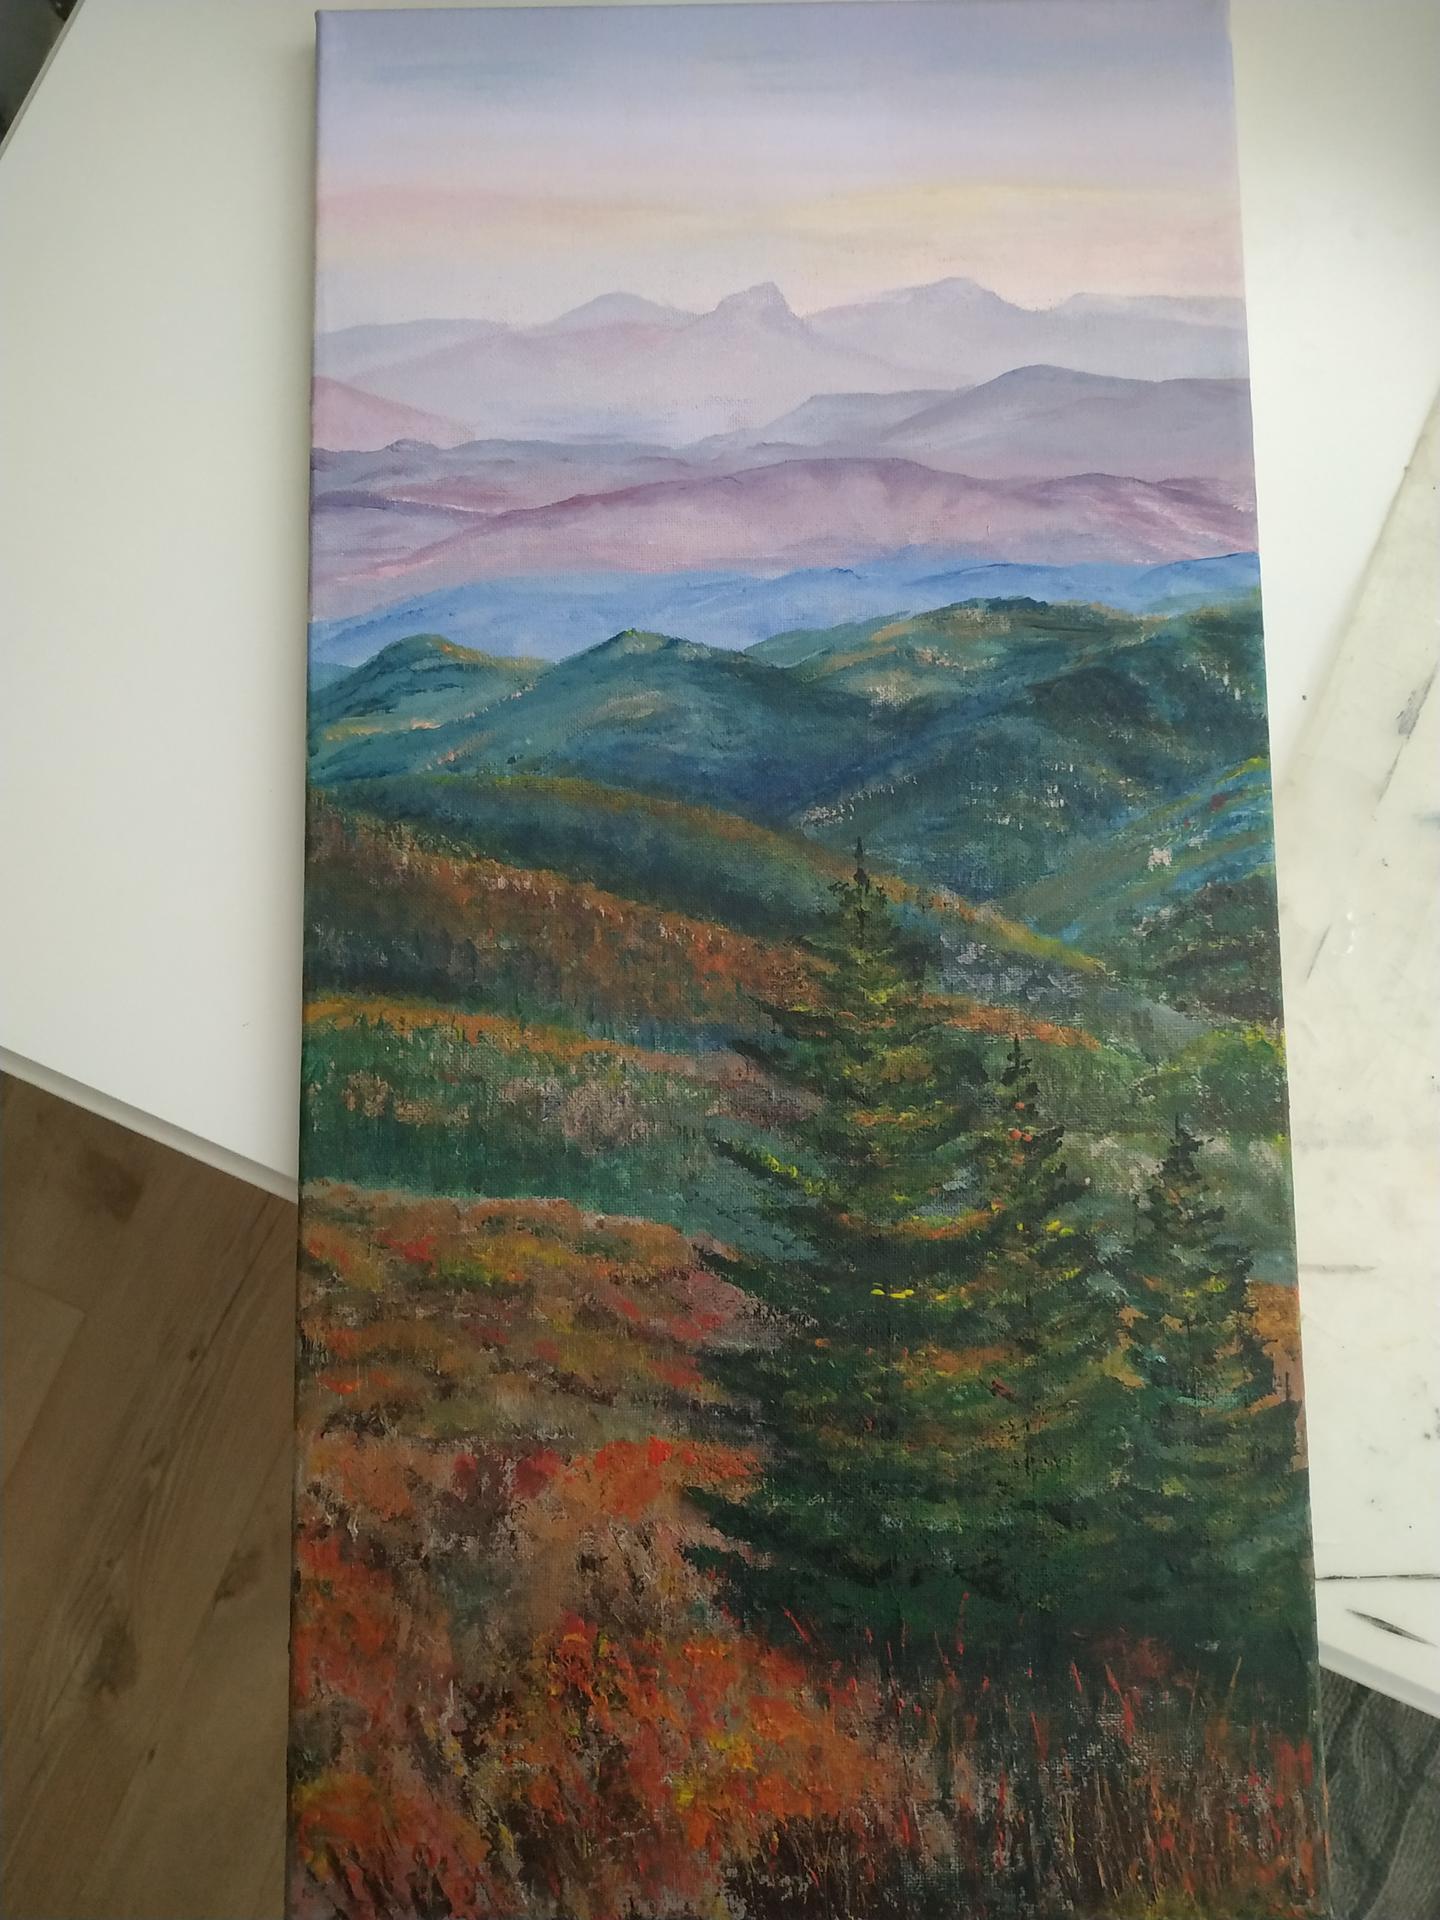 Jeseň na horách 😉 - Obrázok č. 1